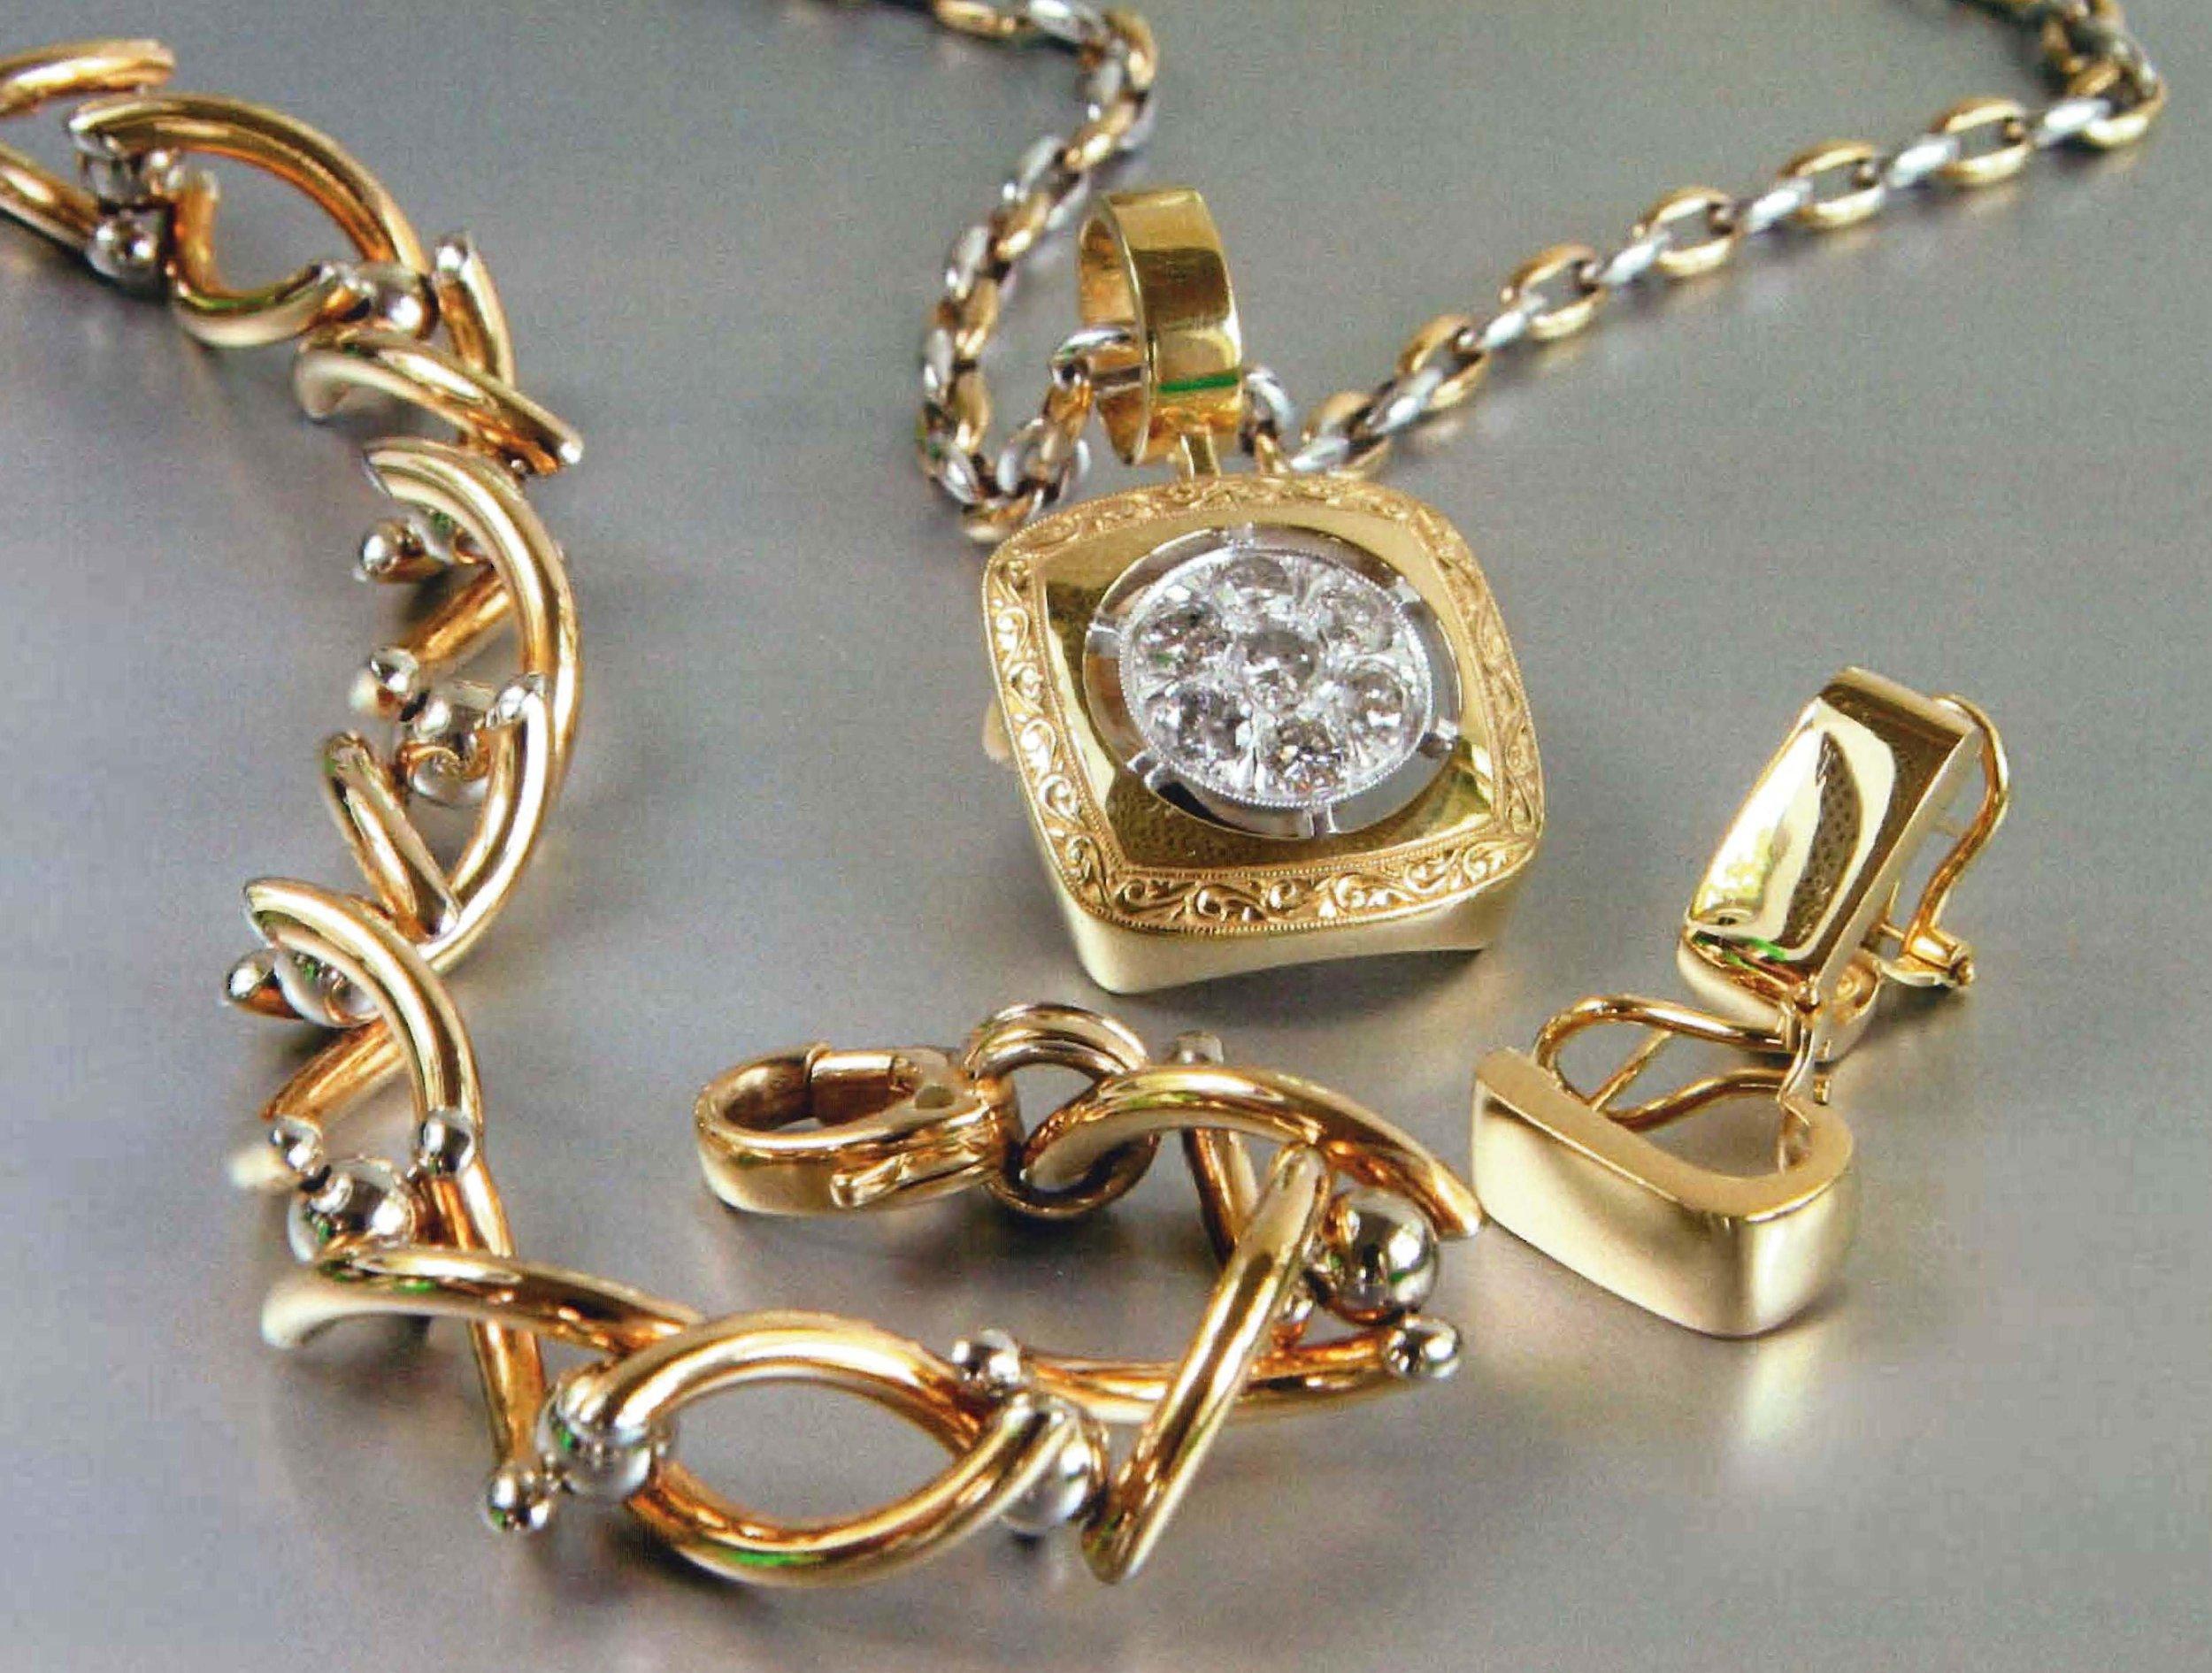 18kt YG Earrings, 18kt YG Hand Engraved Pendant, 18kt Twist Bracelet